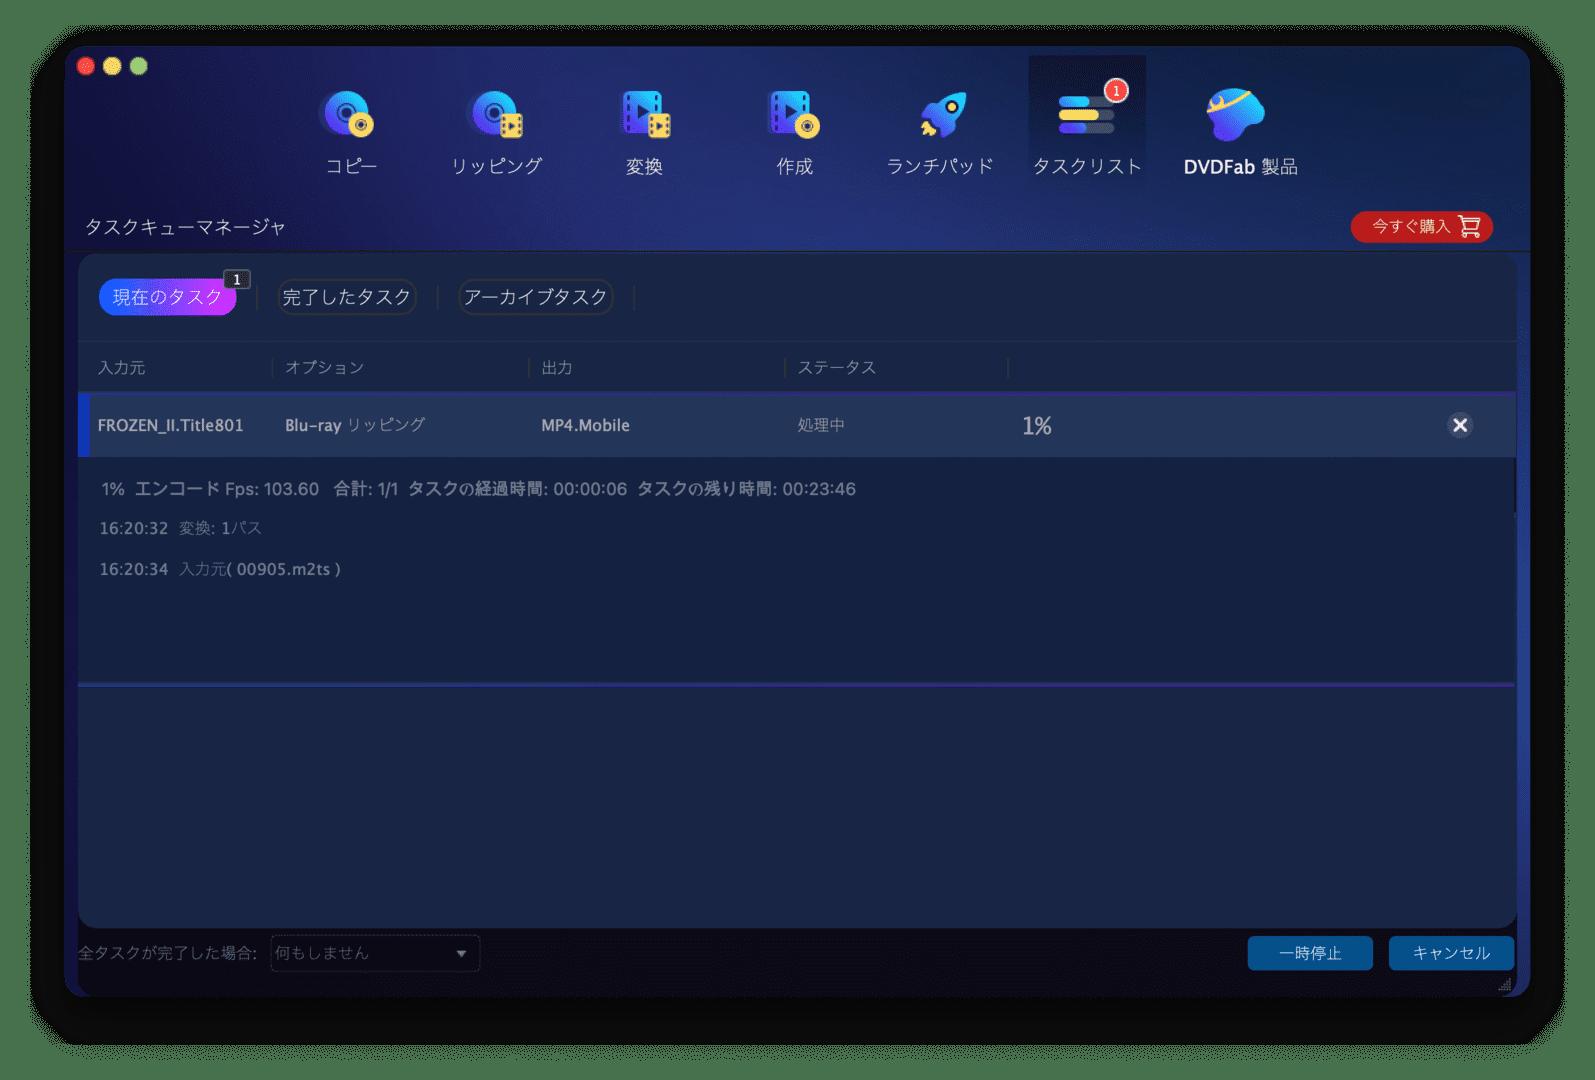 Mac版DVDFab12ブルーレイのコピー方法|無料でコピーガード解除してMacに取り込む!セル&レンタル・地上波番組を録画したブルーレイをコピーする方法|ISOファイルをiPhoneに適した形式に変換する:これでようやくBlu-rayのリッピング処理が始まります。 あとは処理が完了するまでしばらく待つだけです。